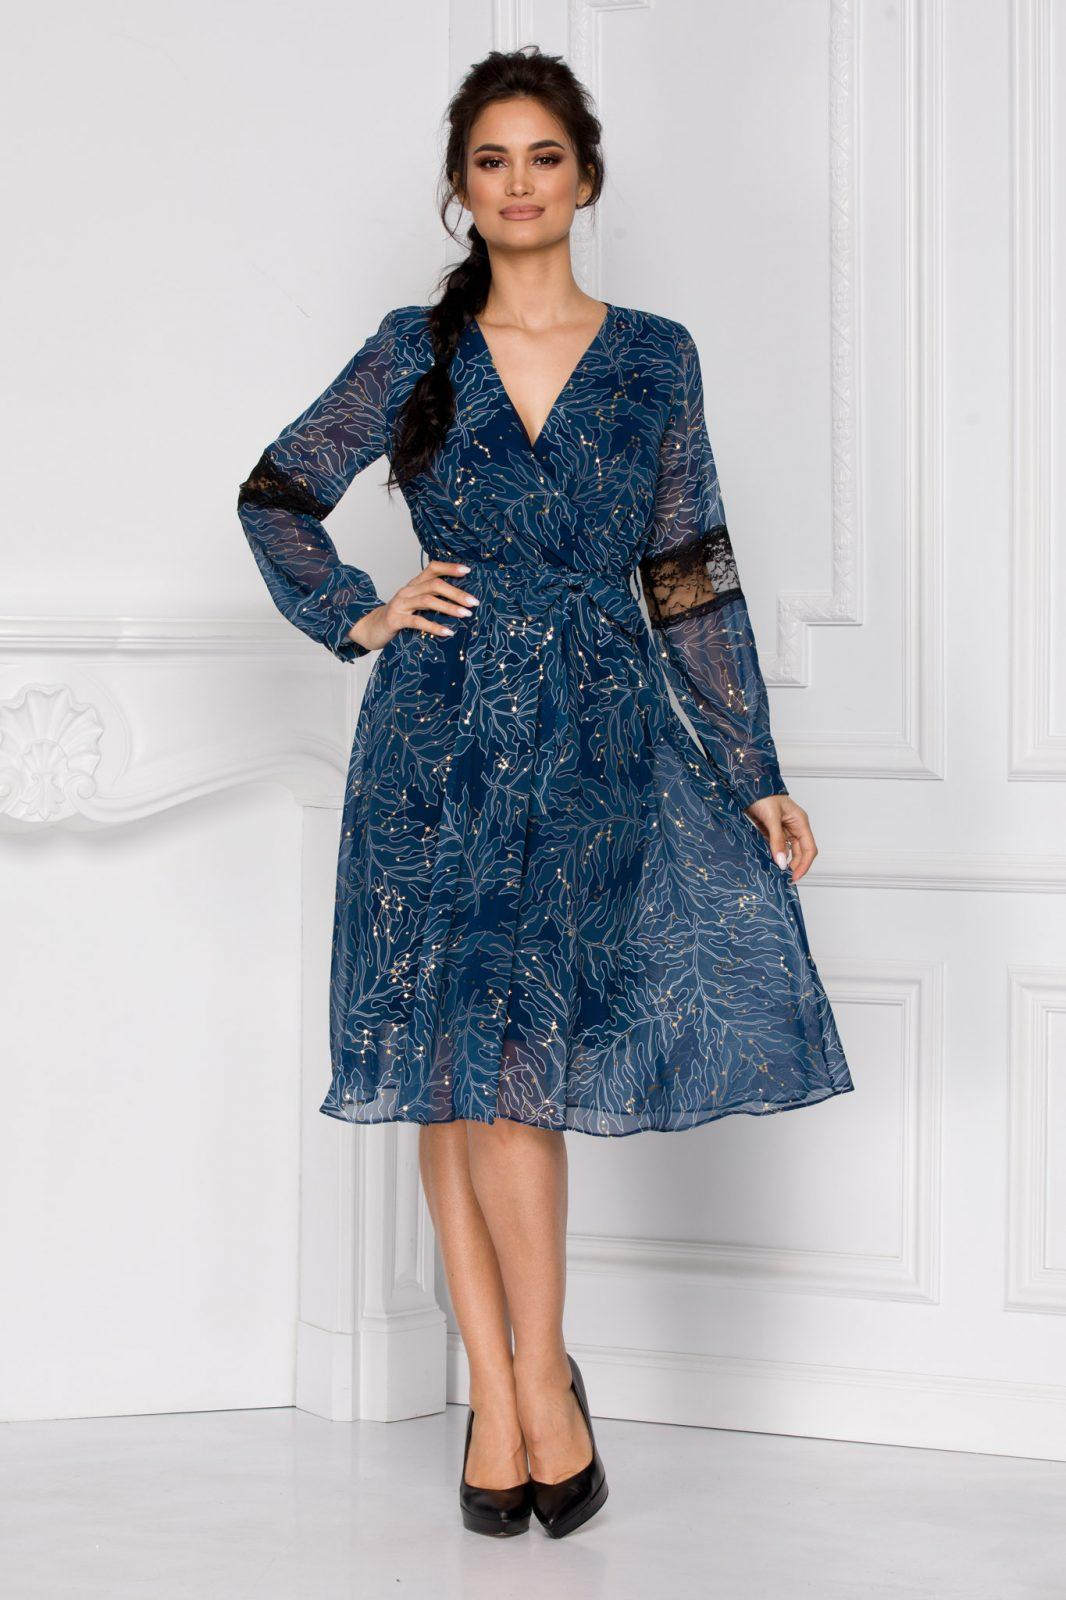 Grace Μπλε Φόρεμα 5932